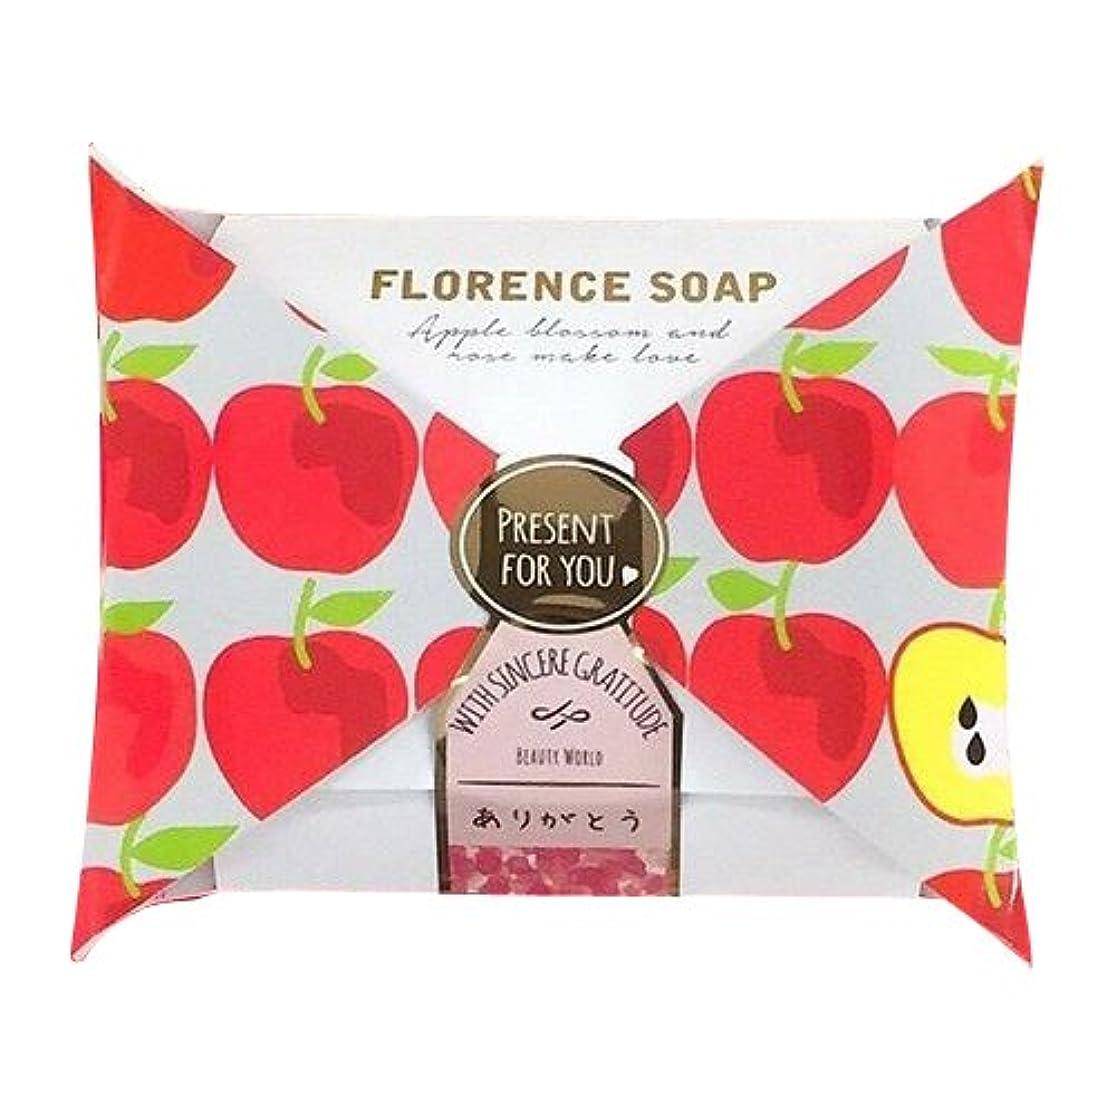 リーダーシップ墓人口BW フローレンスの香り石けん リボンパッケージ FSP384 アップルの花とローズの恋 (35g)